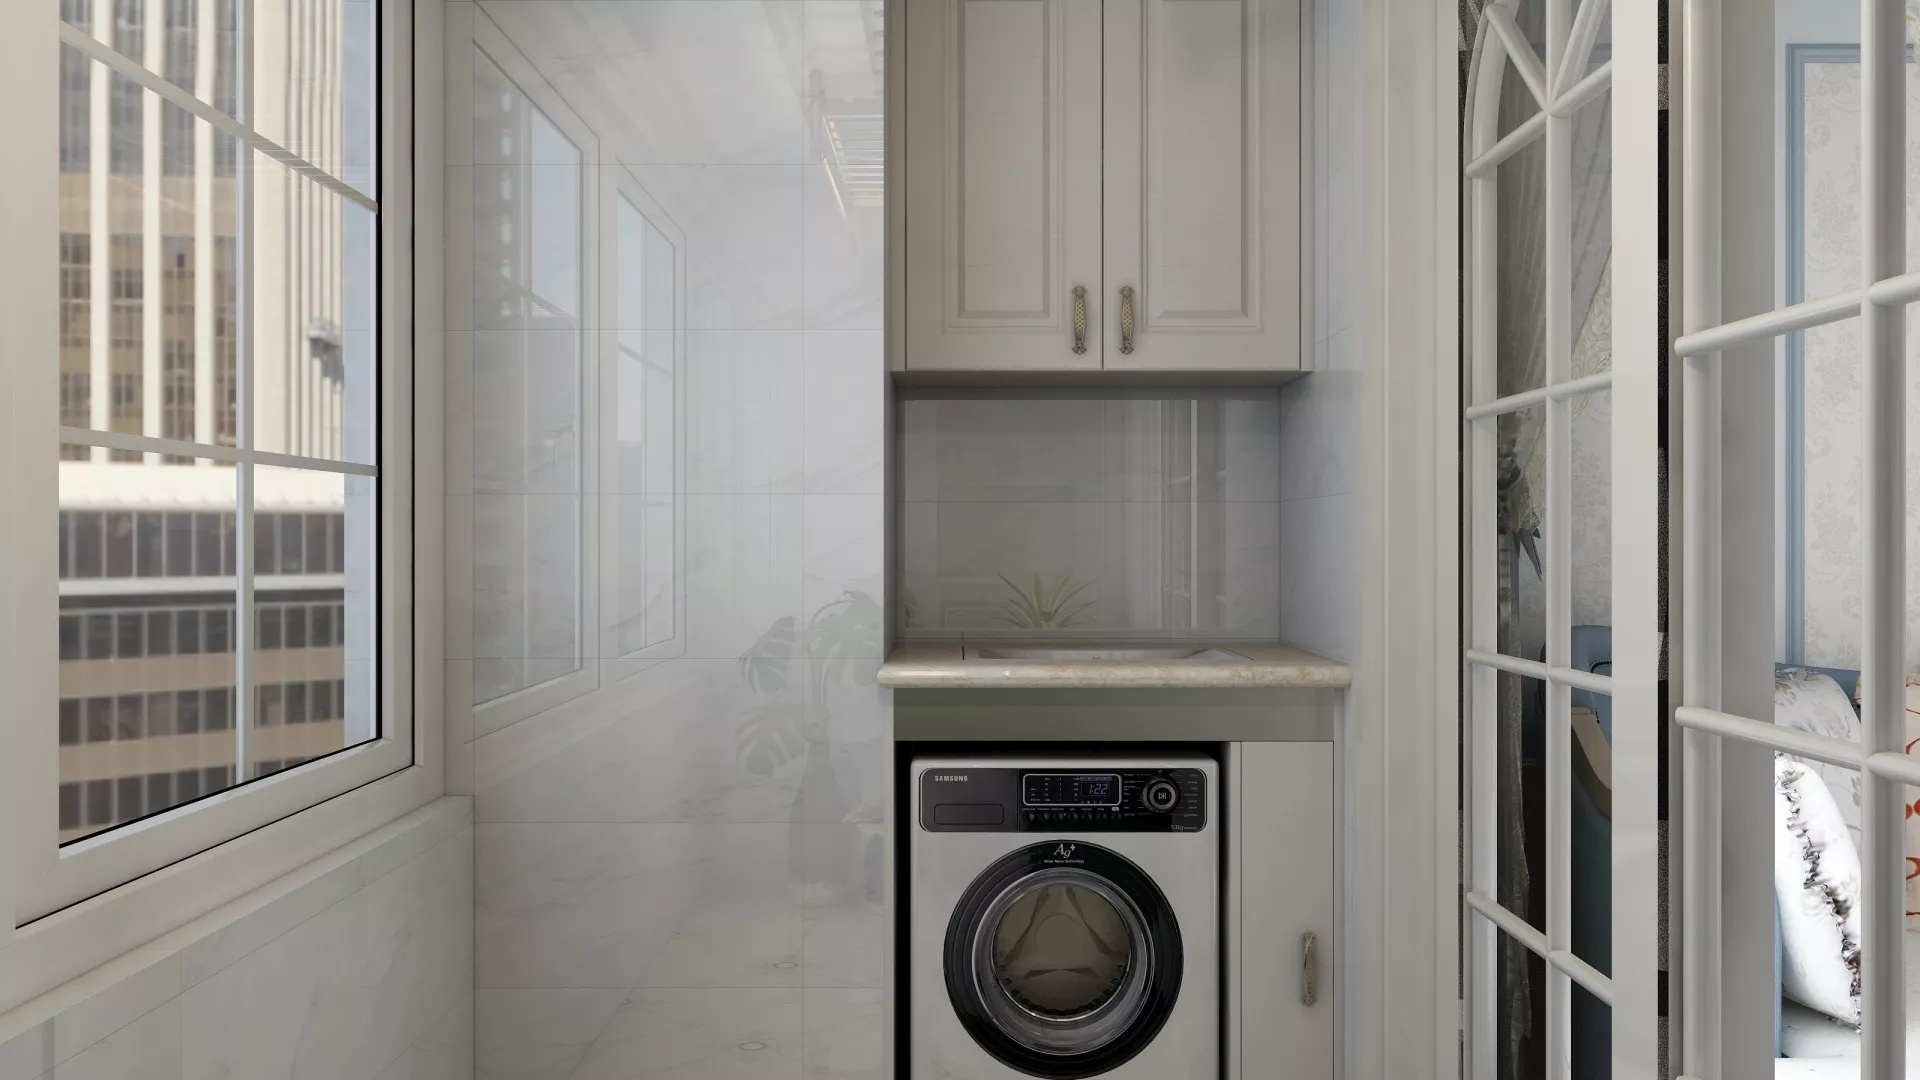 衣服防尘罩什么材质好 衣服防尘罩材质介绍